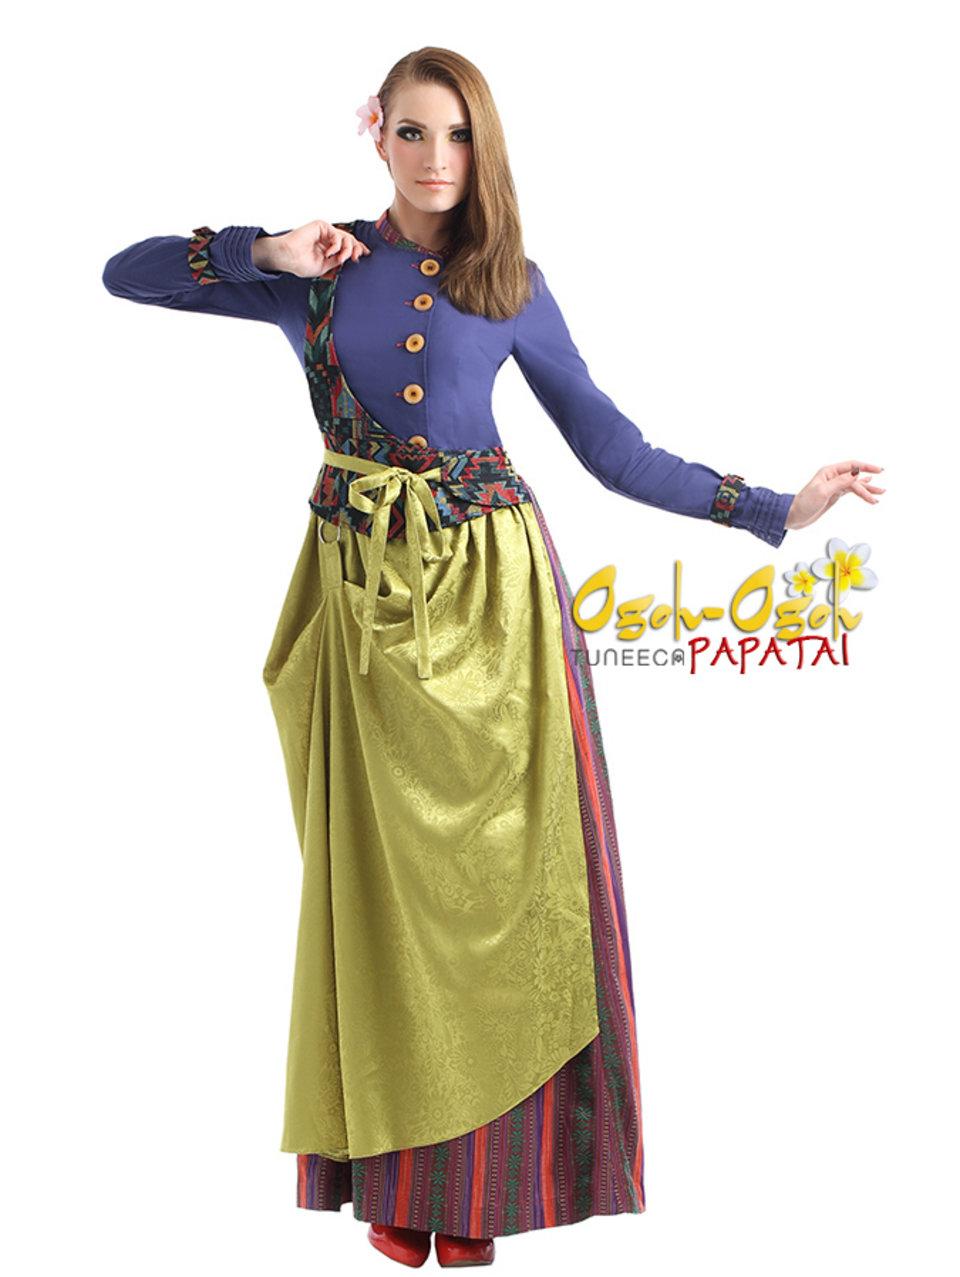 08 Panji Semirang Dance